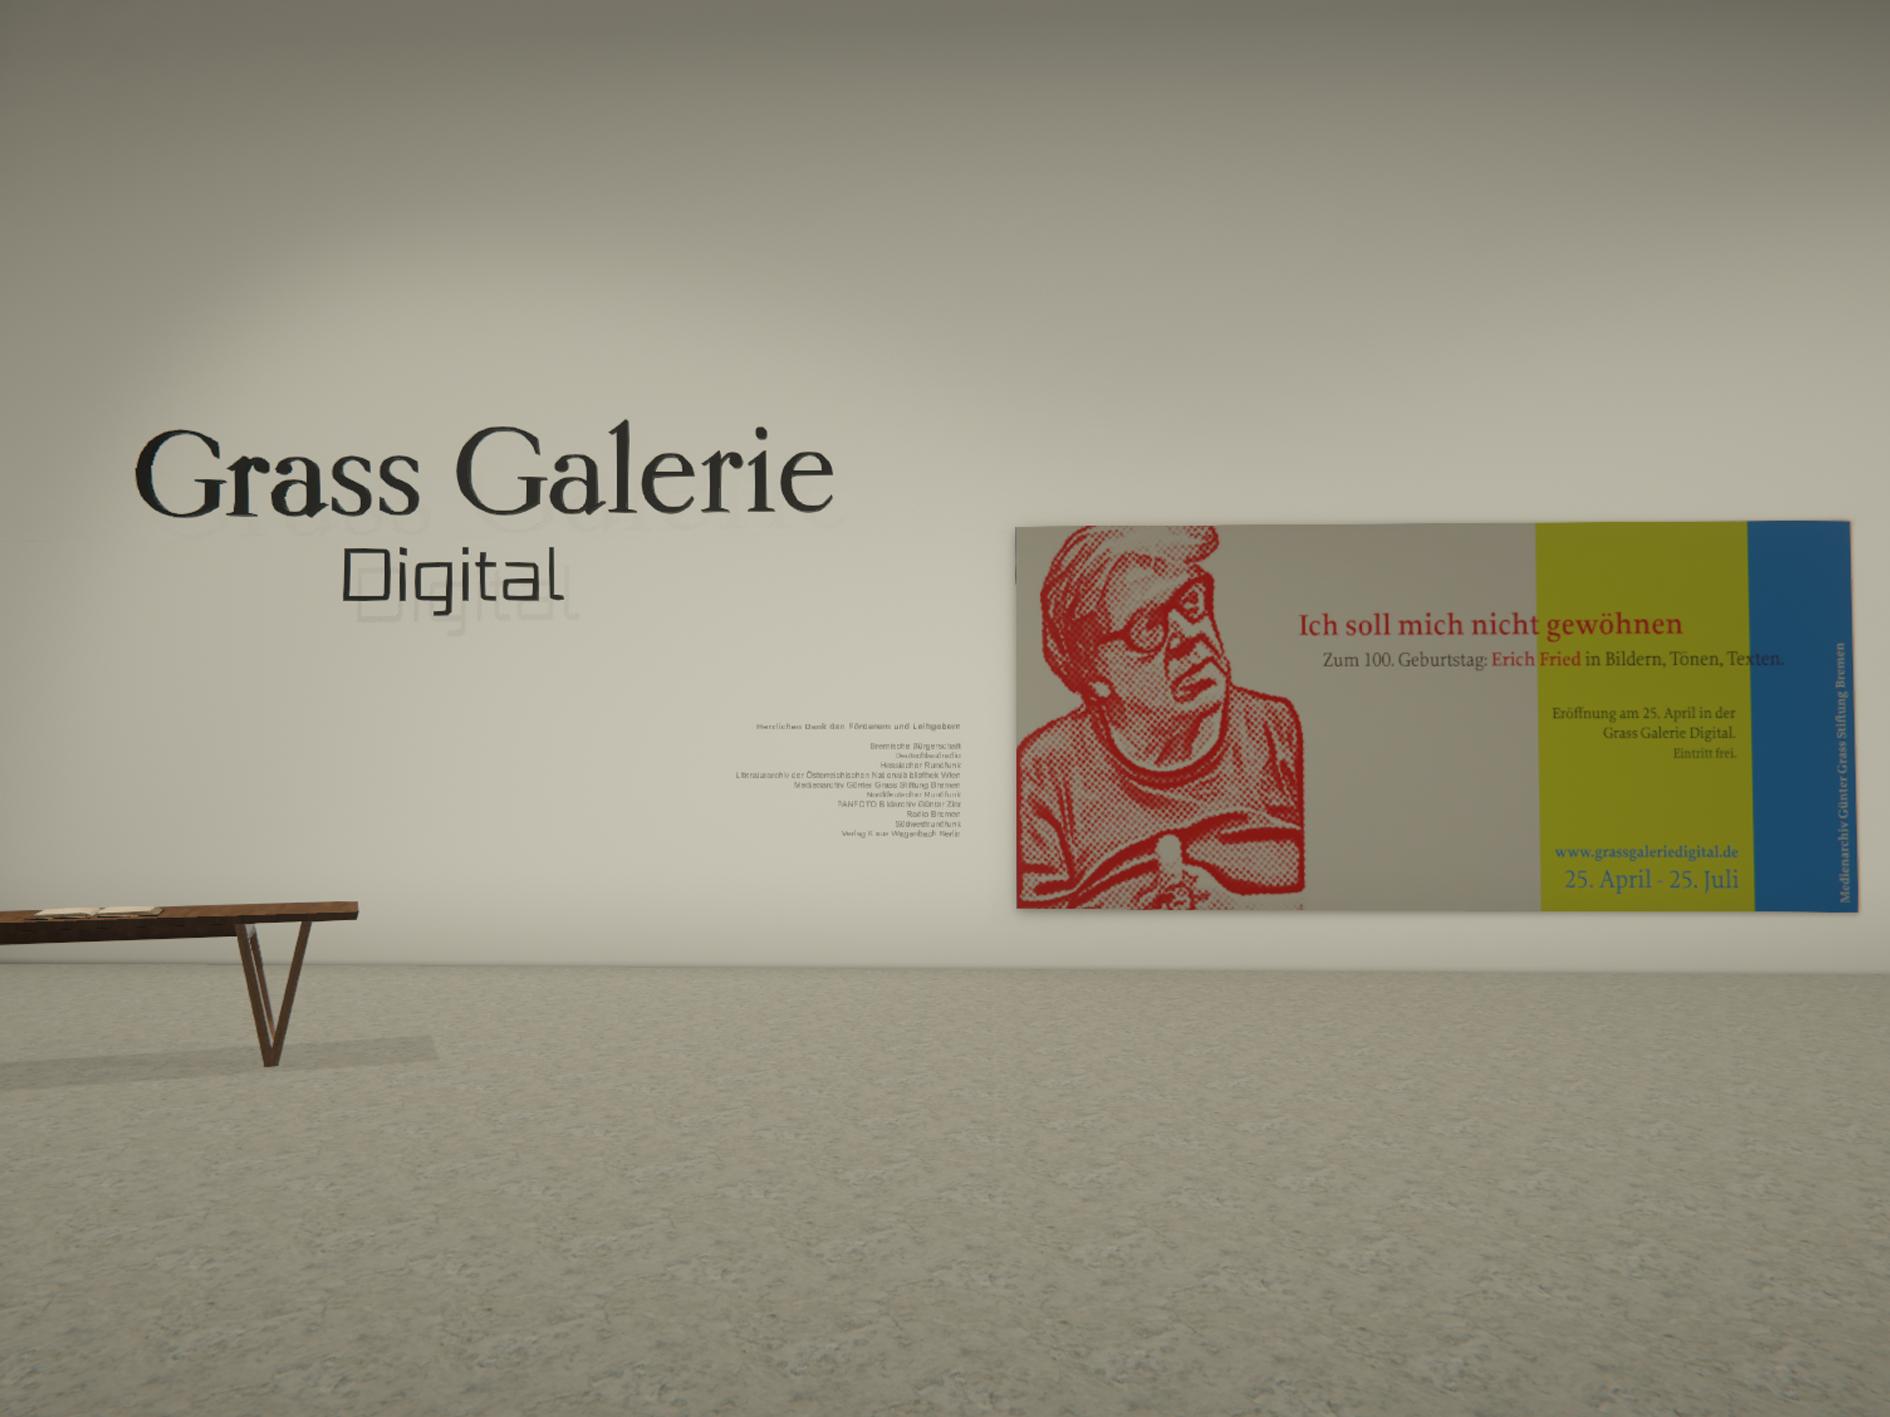 Ausstellung zum 100. Geburtstag: Erich Fried in Bildern, Tönen, Texten